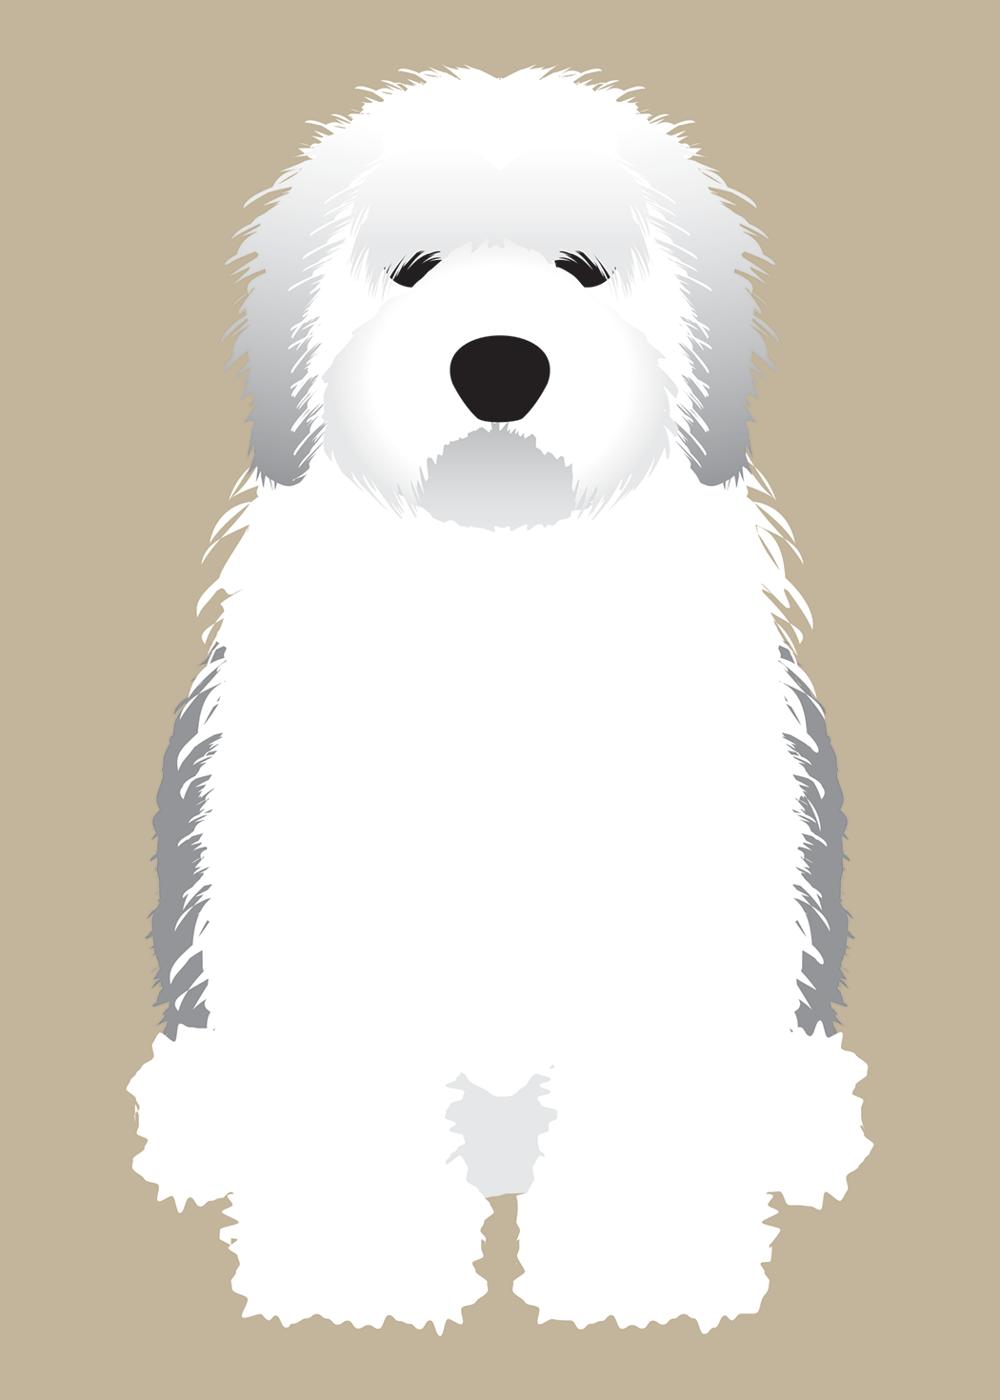 Sheepdog, Rottweiler, Scotty, St. Bernard Collection